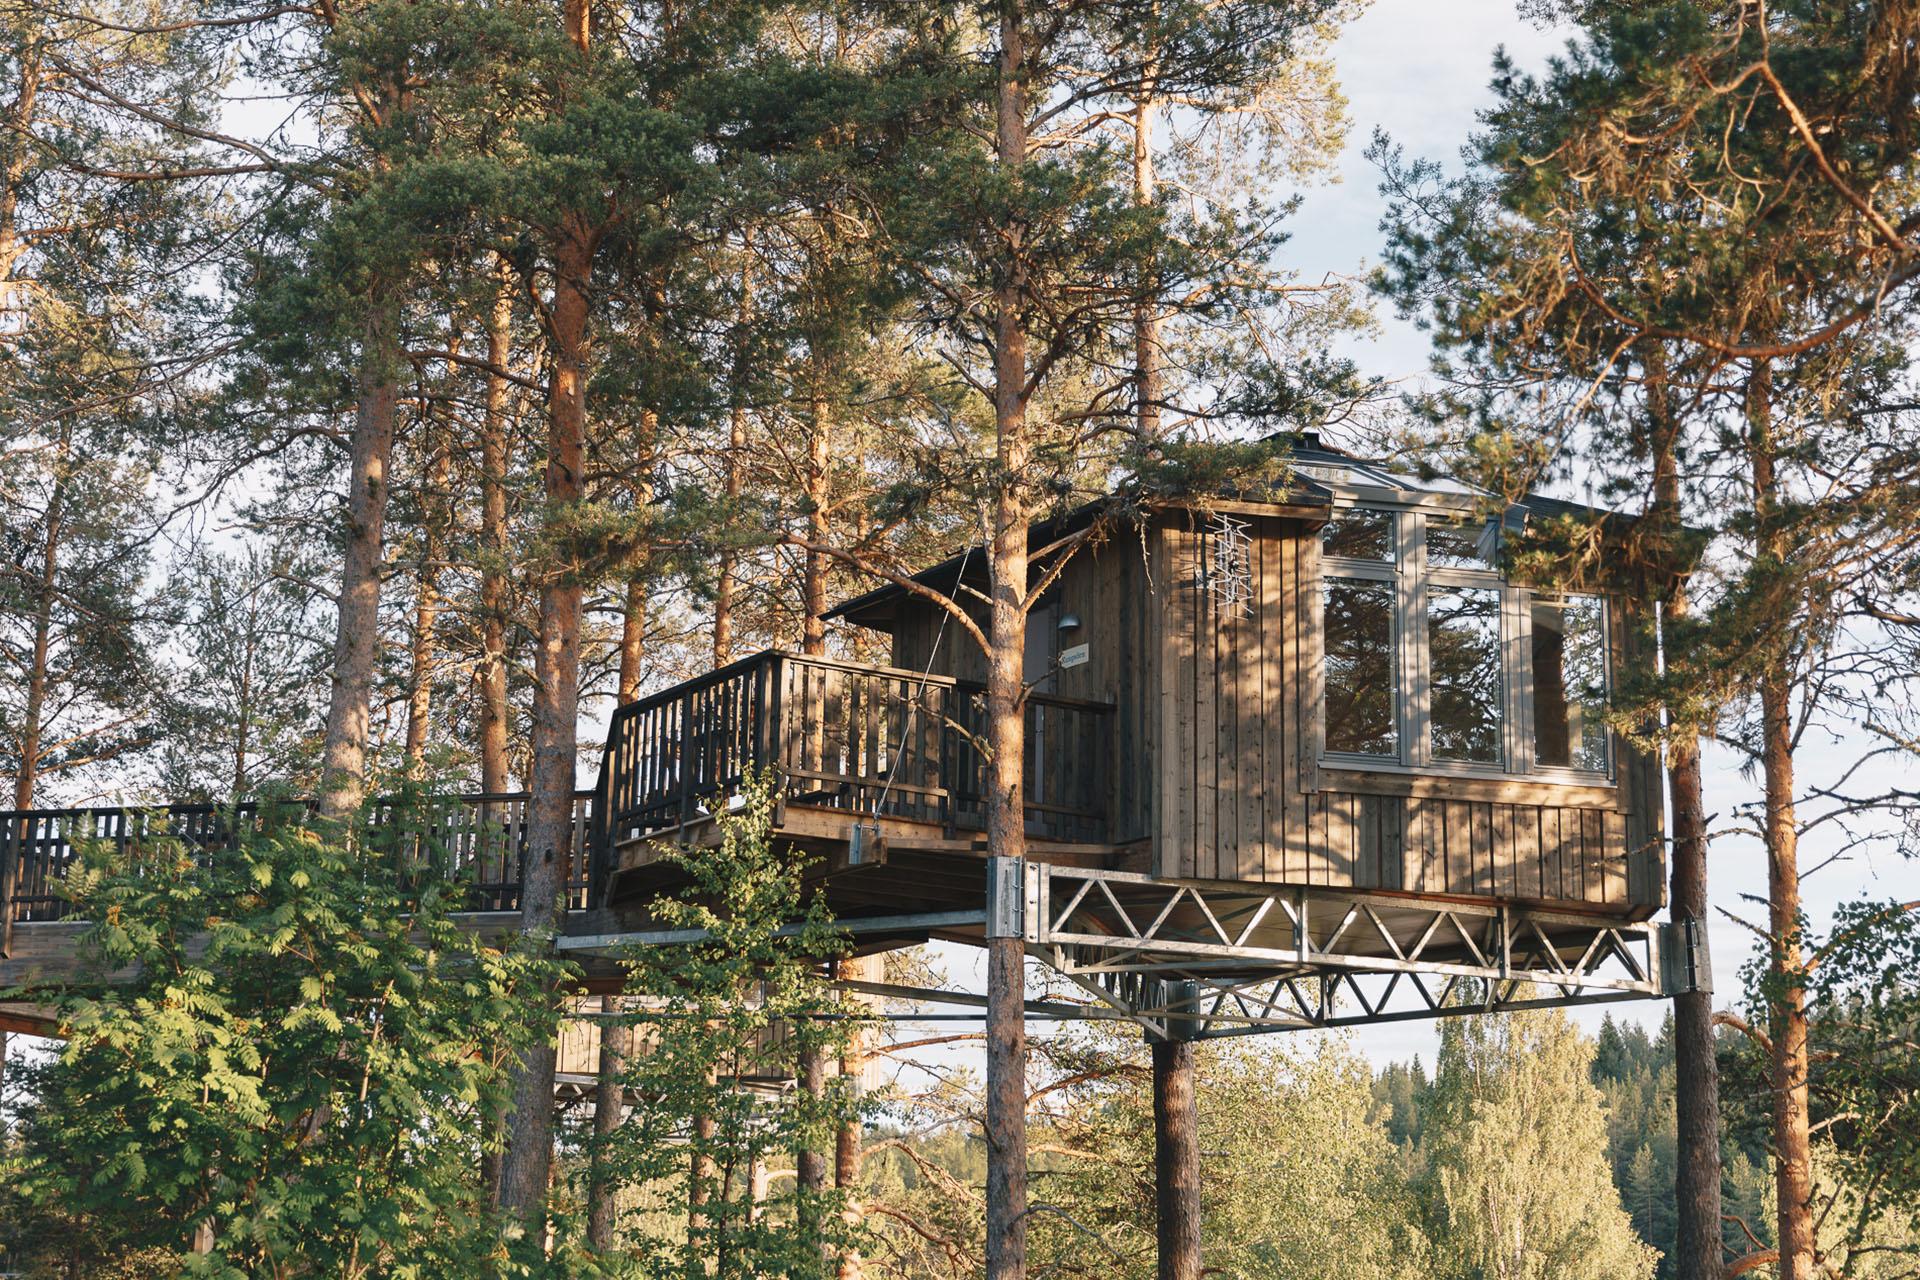 Granö Beckasin - Boende i fågelnäste bland trädtopparna